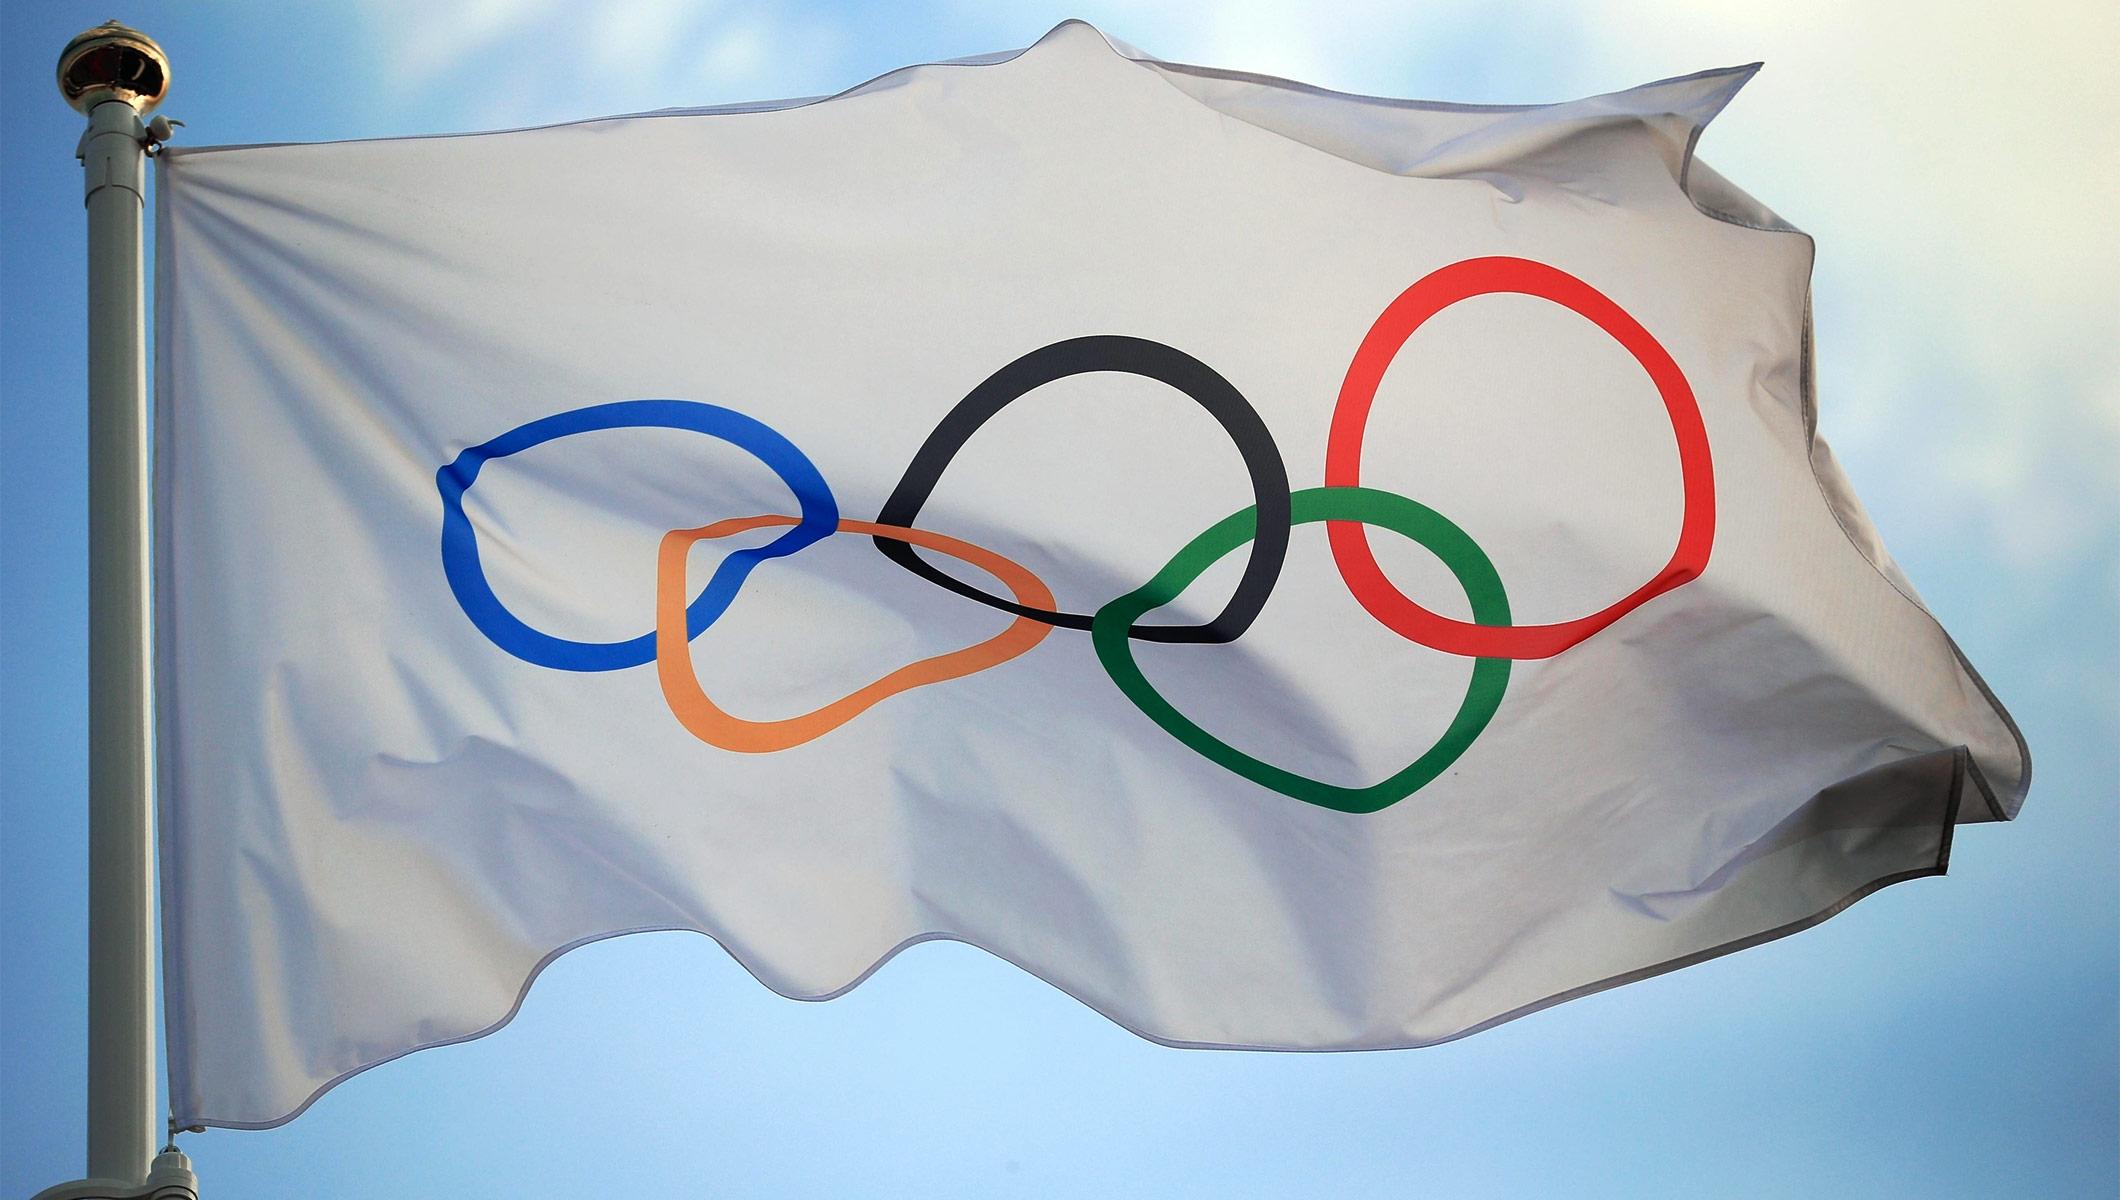 在线举行赛前集会、节约运输成本......东京奥运会将接纳一系列简化措施 第1张